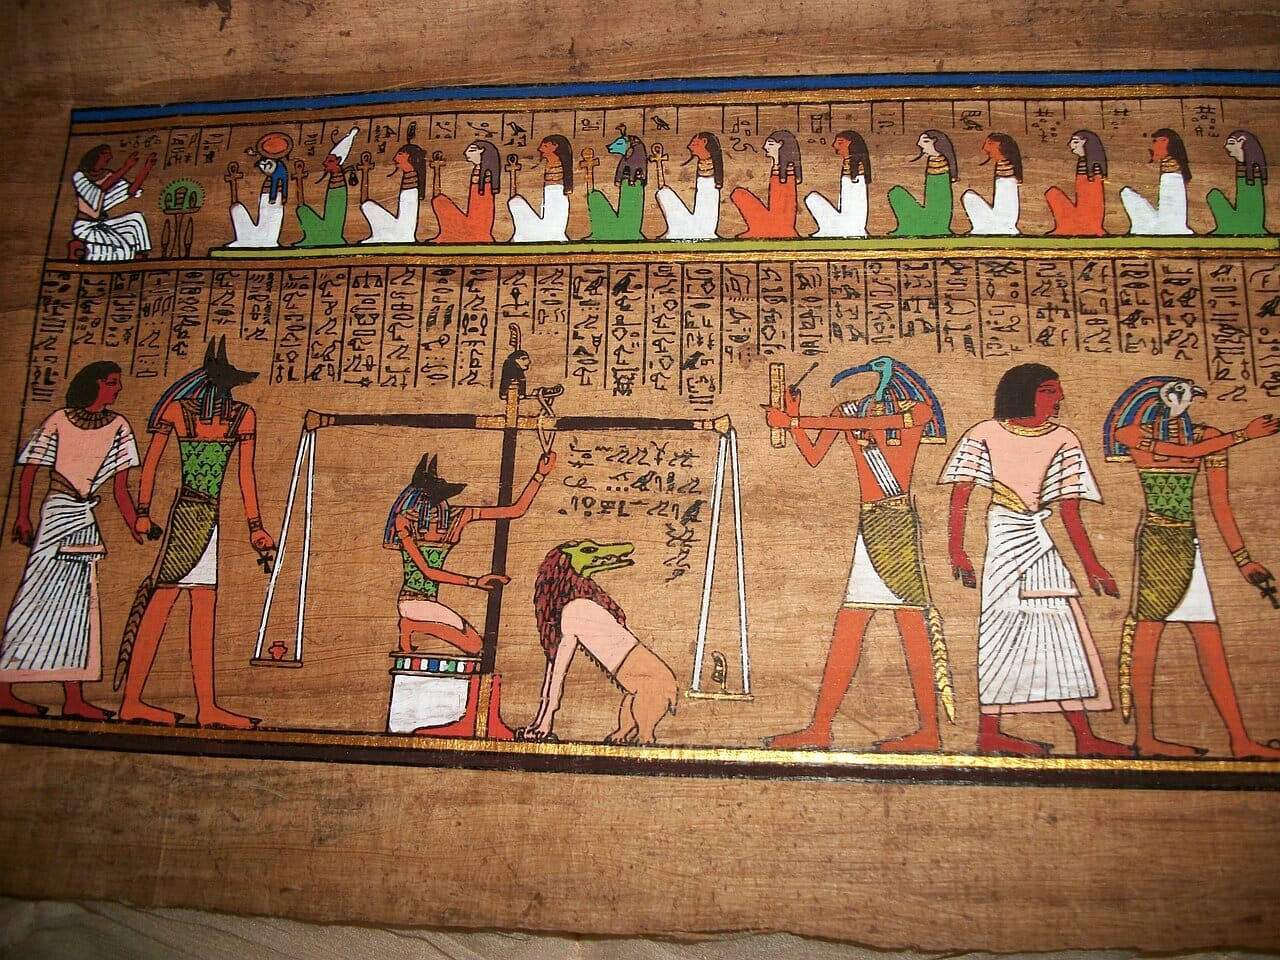 Anubis judges the dead